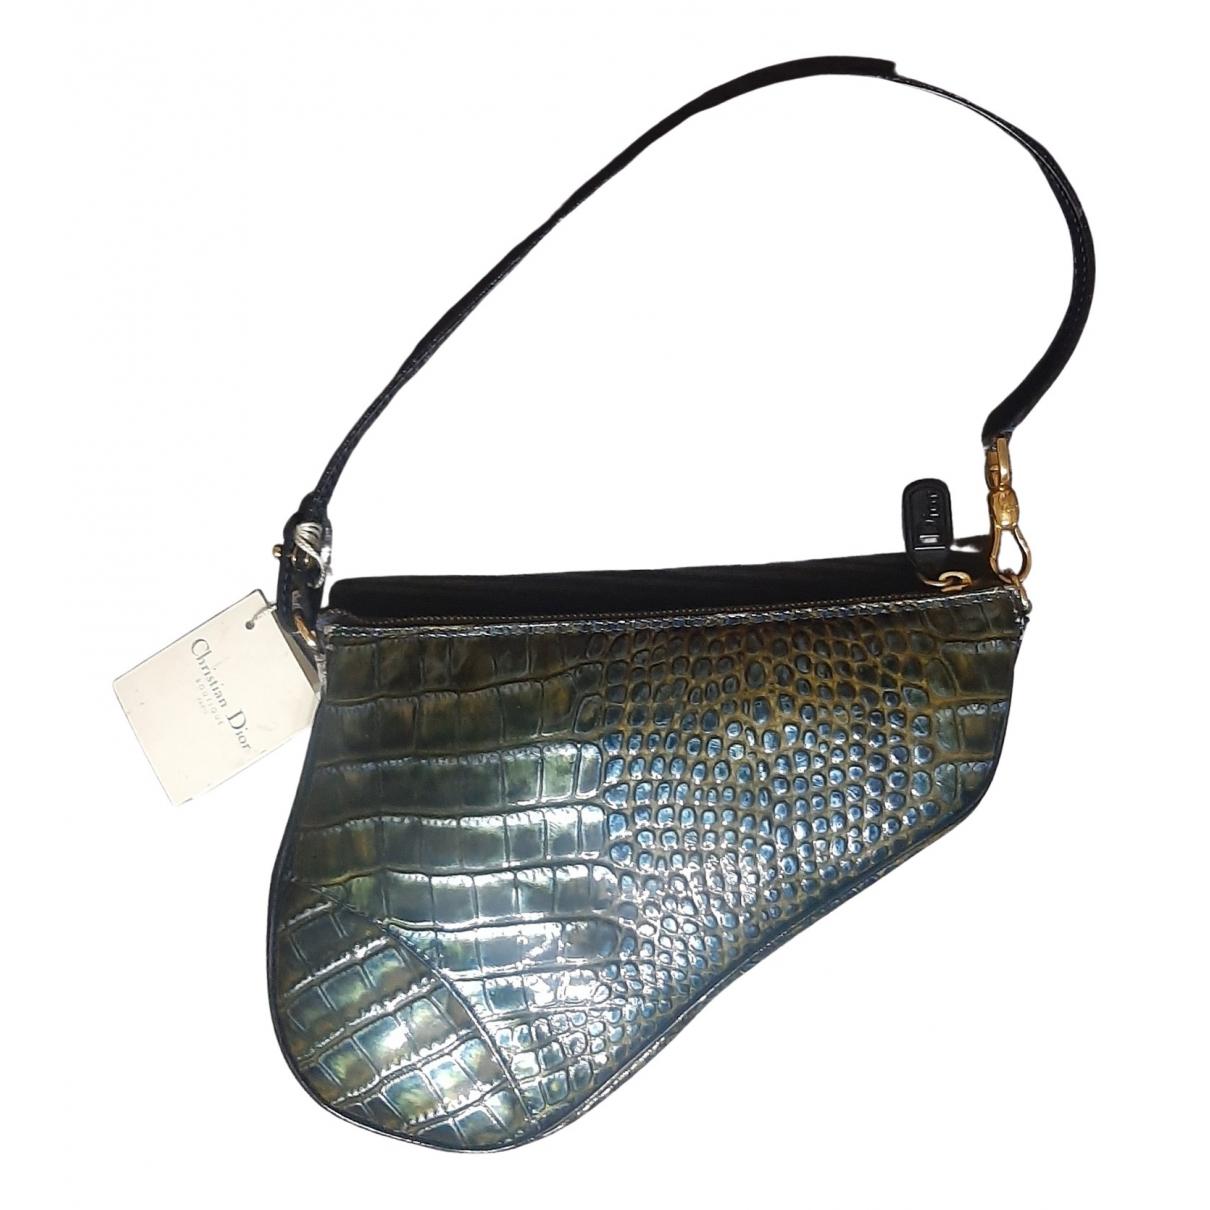 Bolso baguette Saddle de Charol Dior